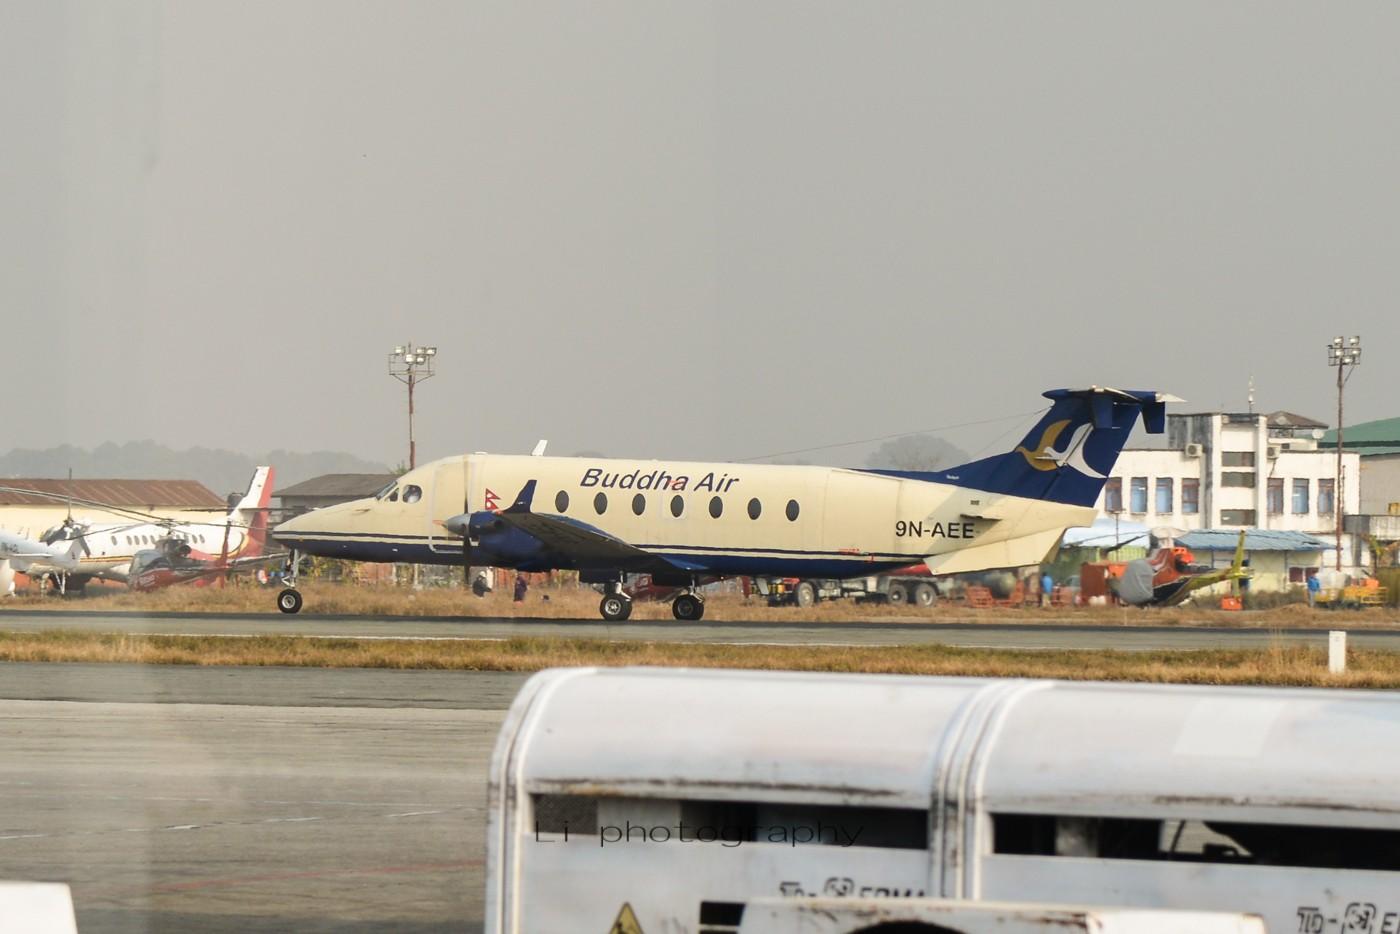 Re:[原创]尼泊尔拍机第一发——加德满都布里特万机场,各种奇货乱入~ BEECHCRAFT 1900 9N-AEE 尼泊尔加德满都机场